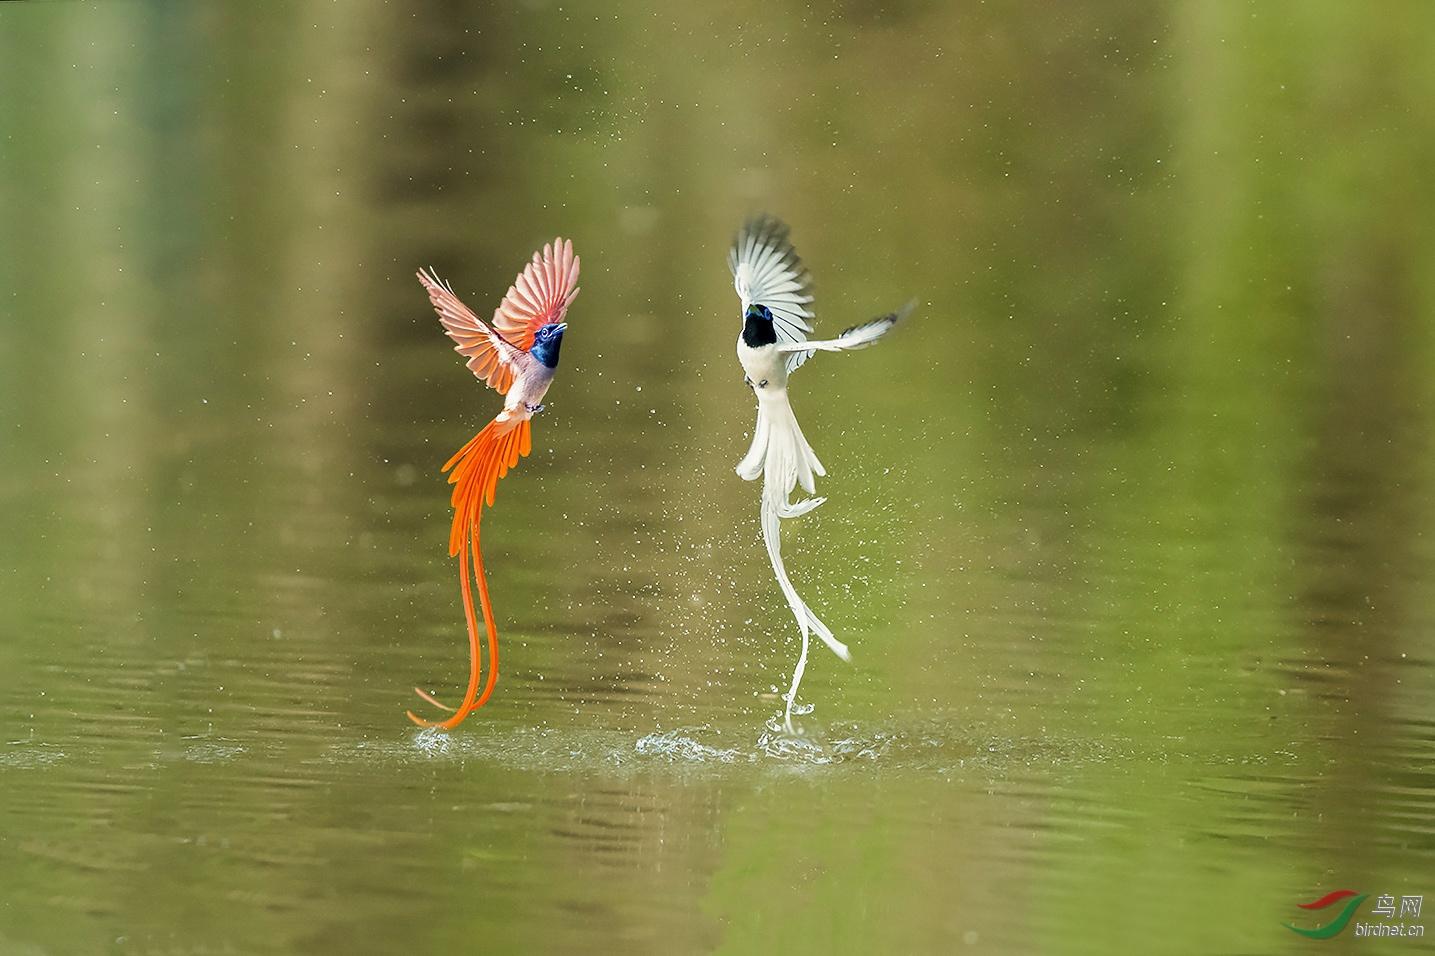 .双人舞.jpg